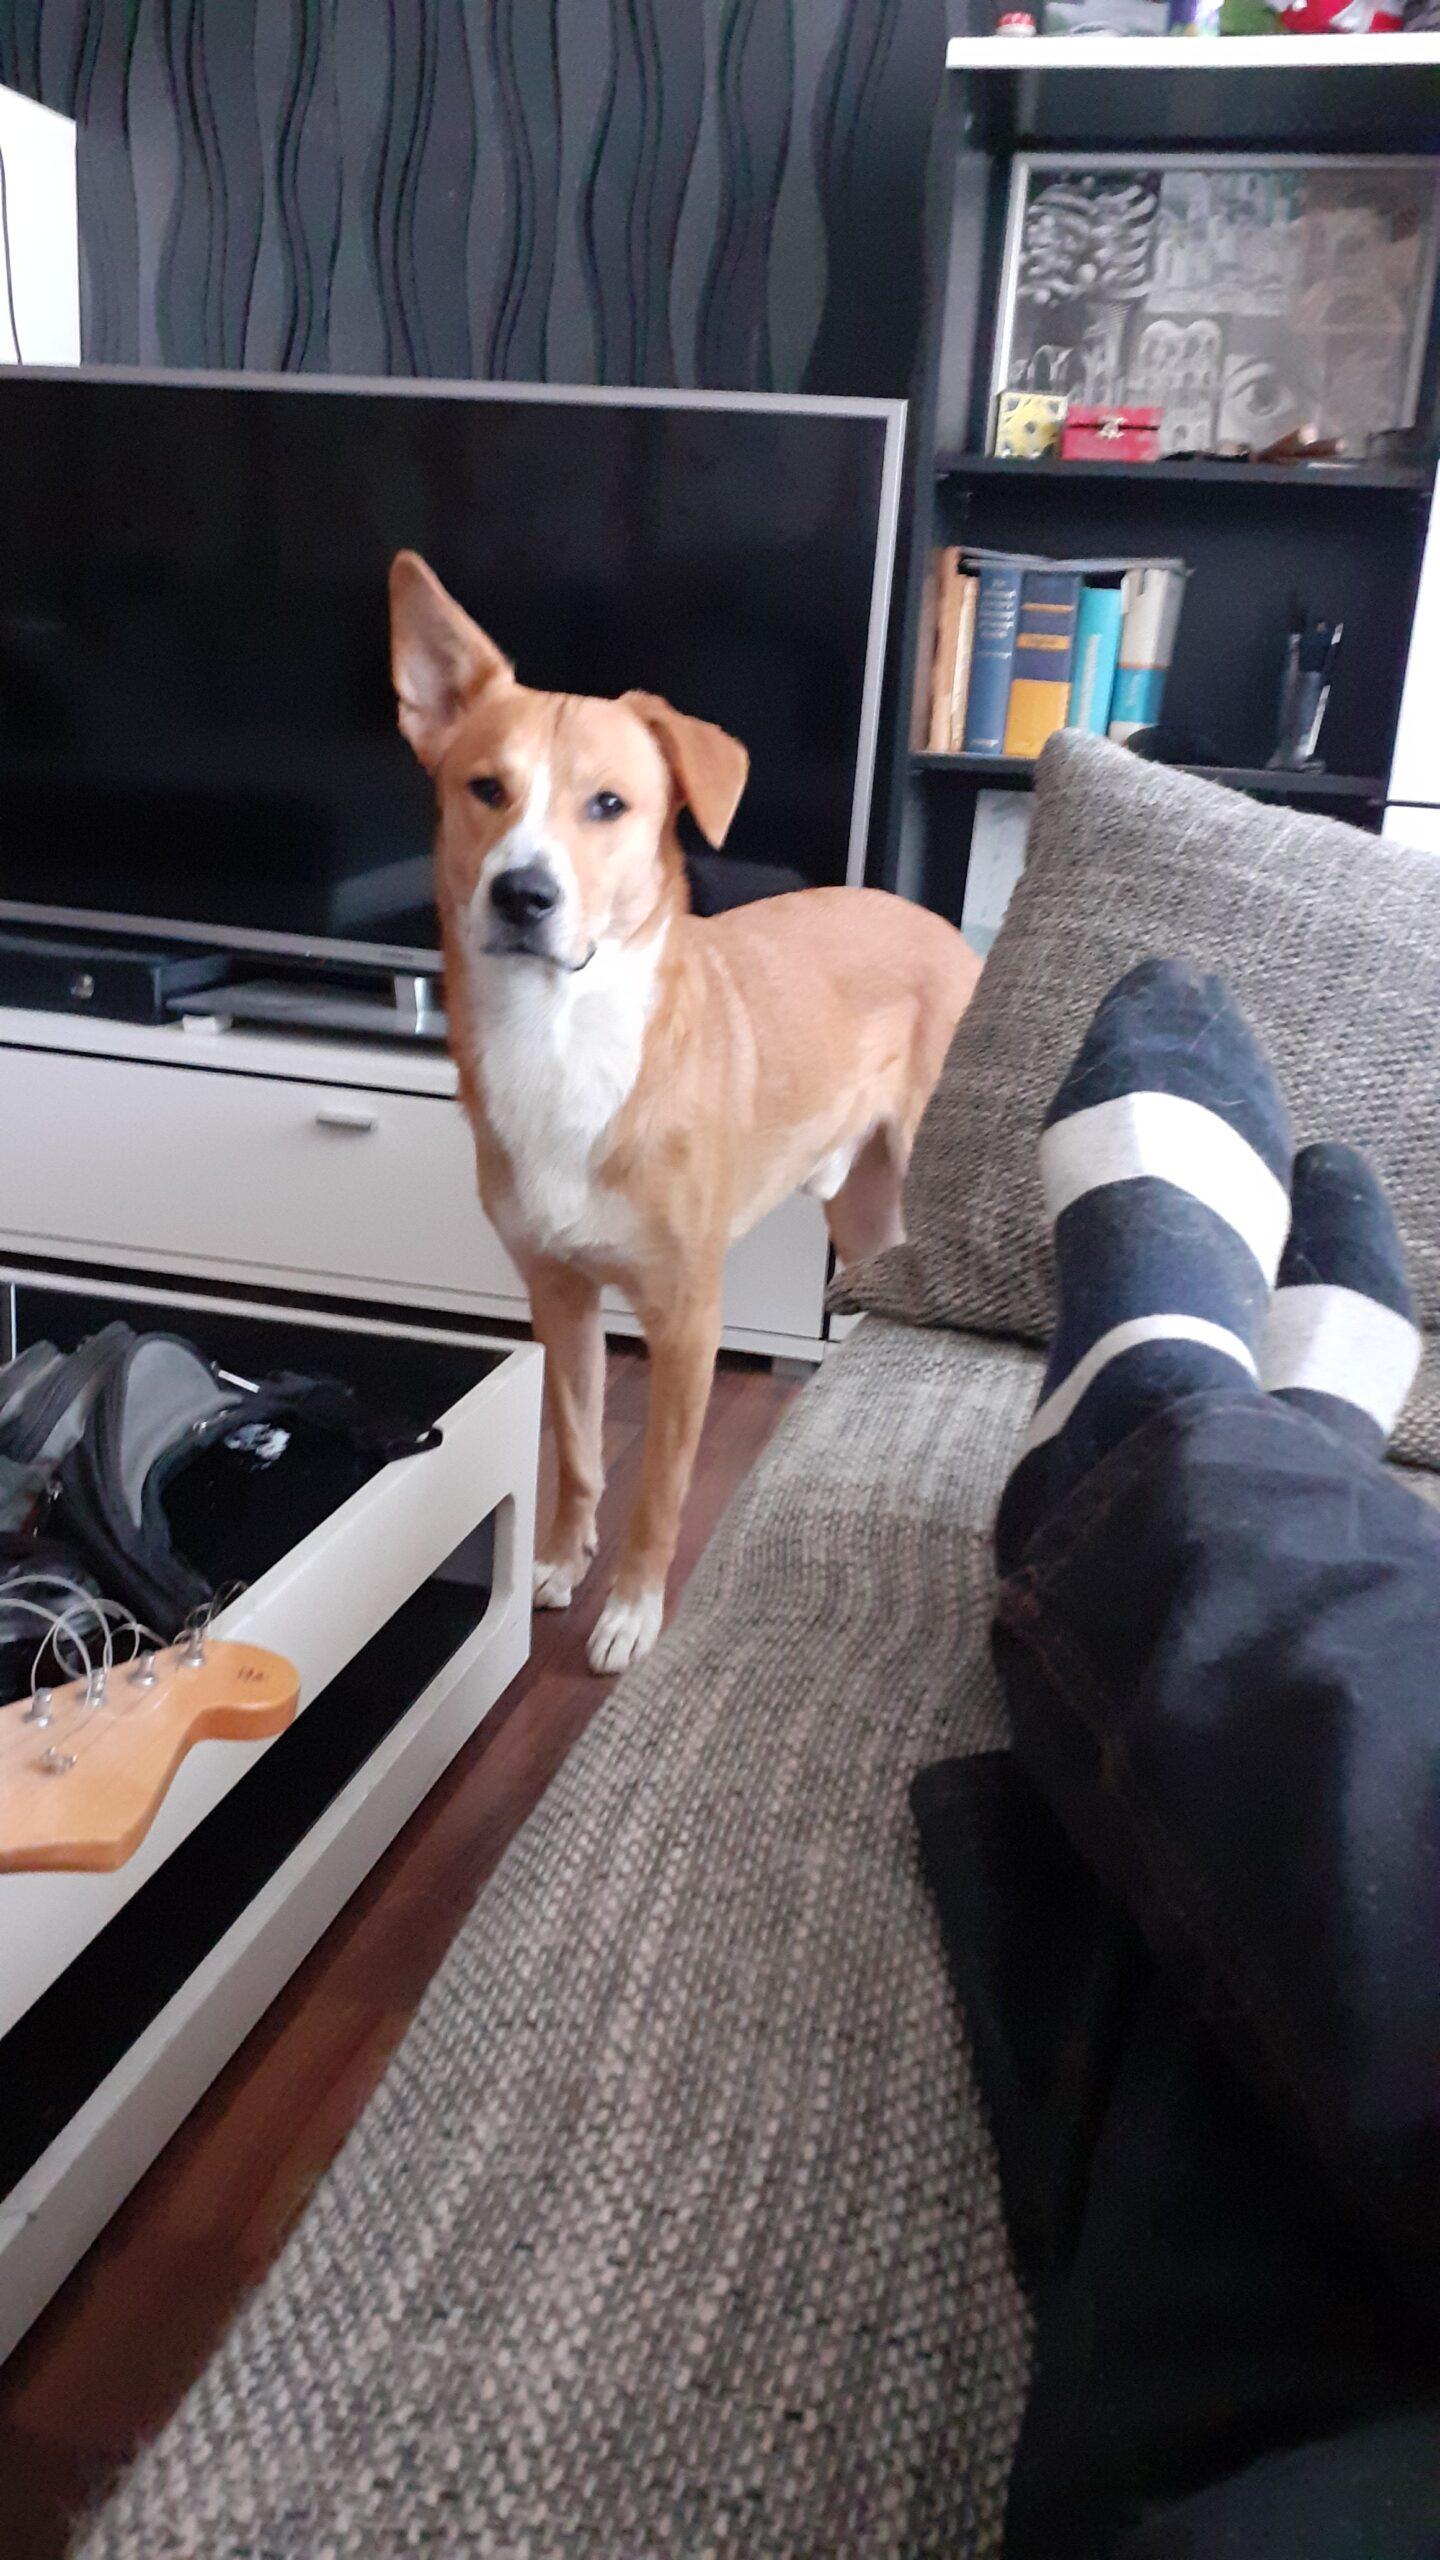 Bitte um Mithilfe bei der Suche meines mir kackfrech gestohlenen Hundes Ringo